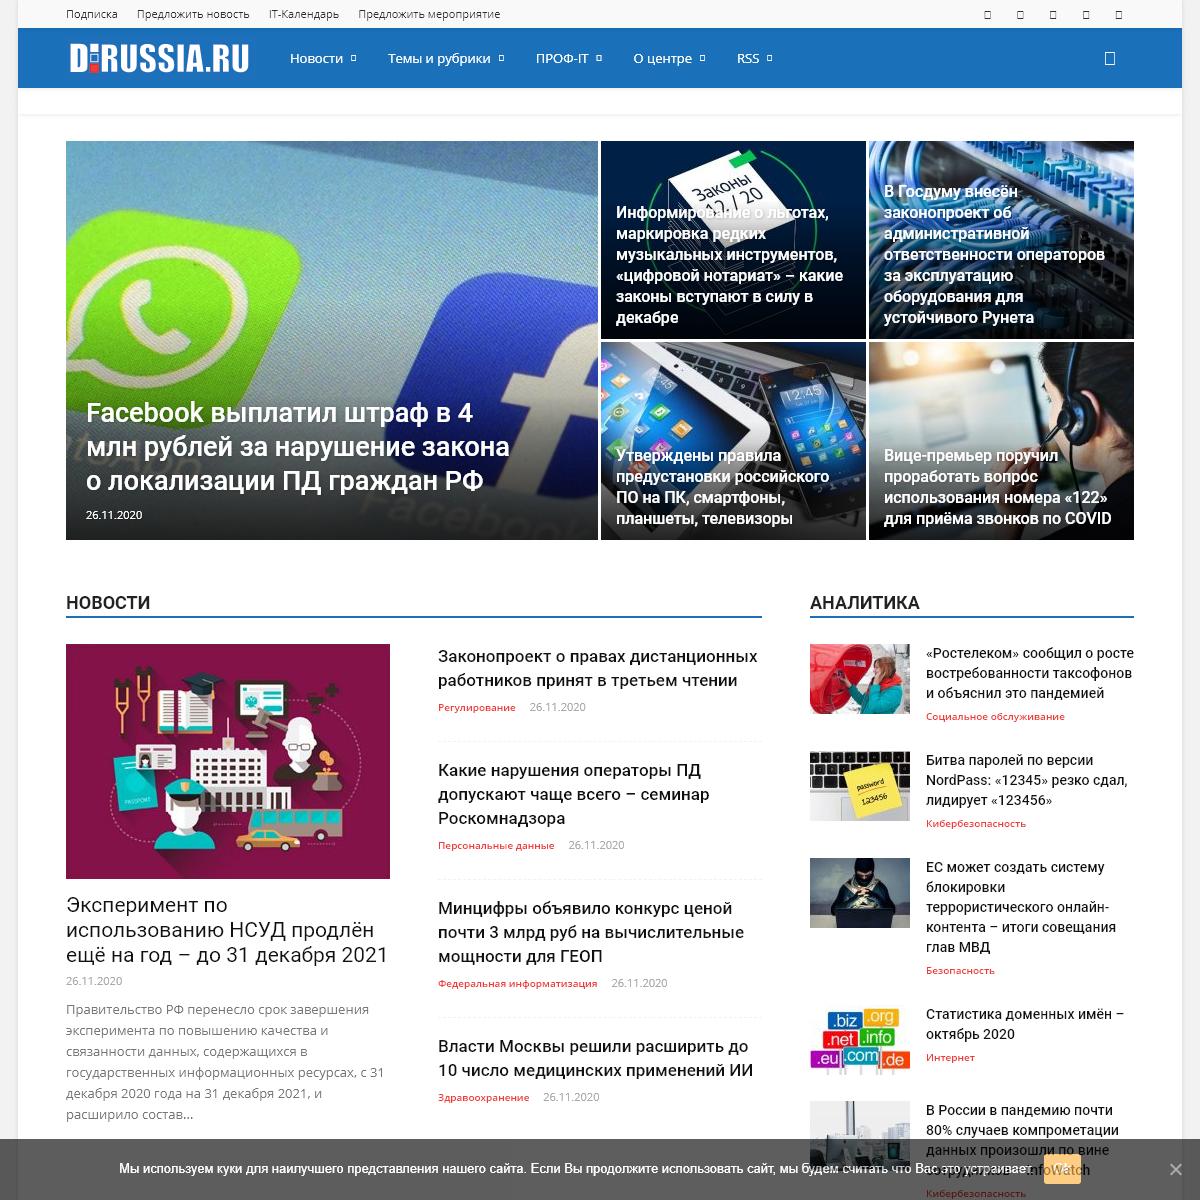 Digital Russia - Цифровая Россия - всё об ИТ в государстве